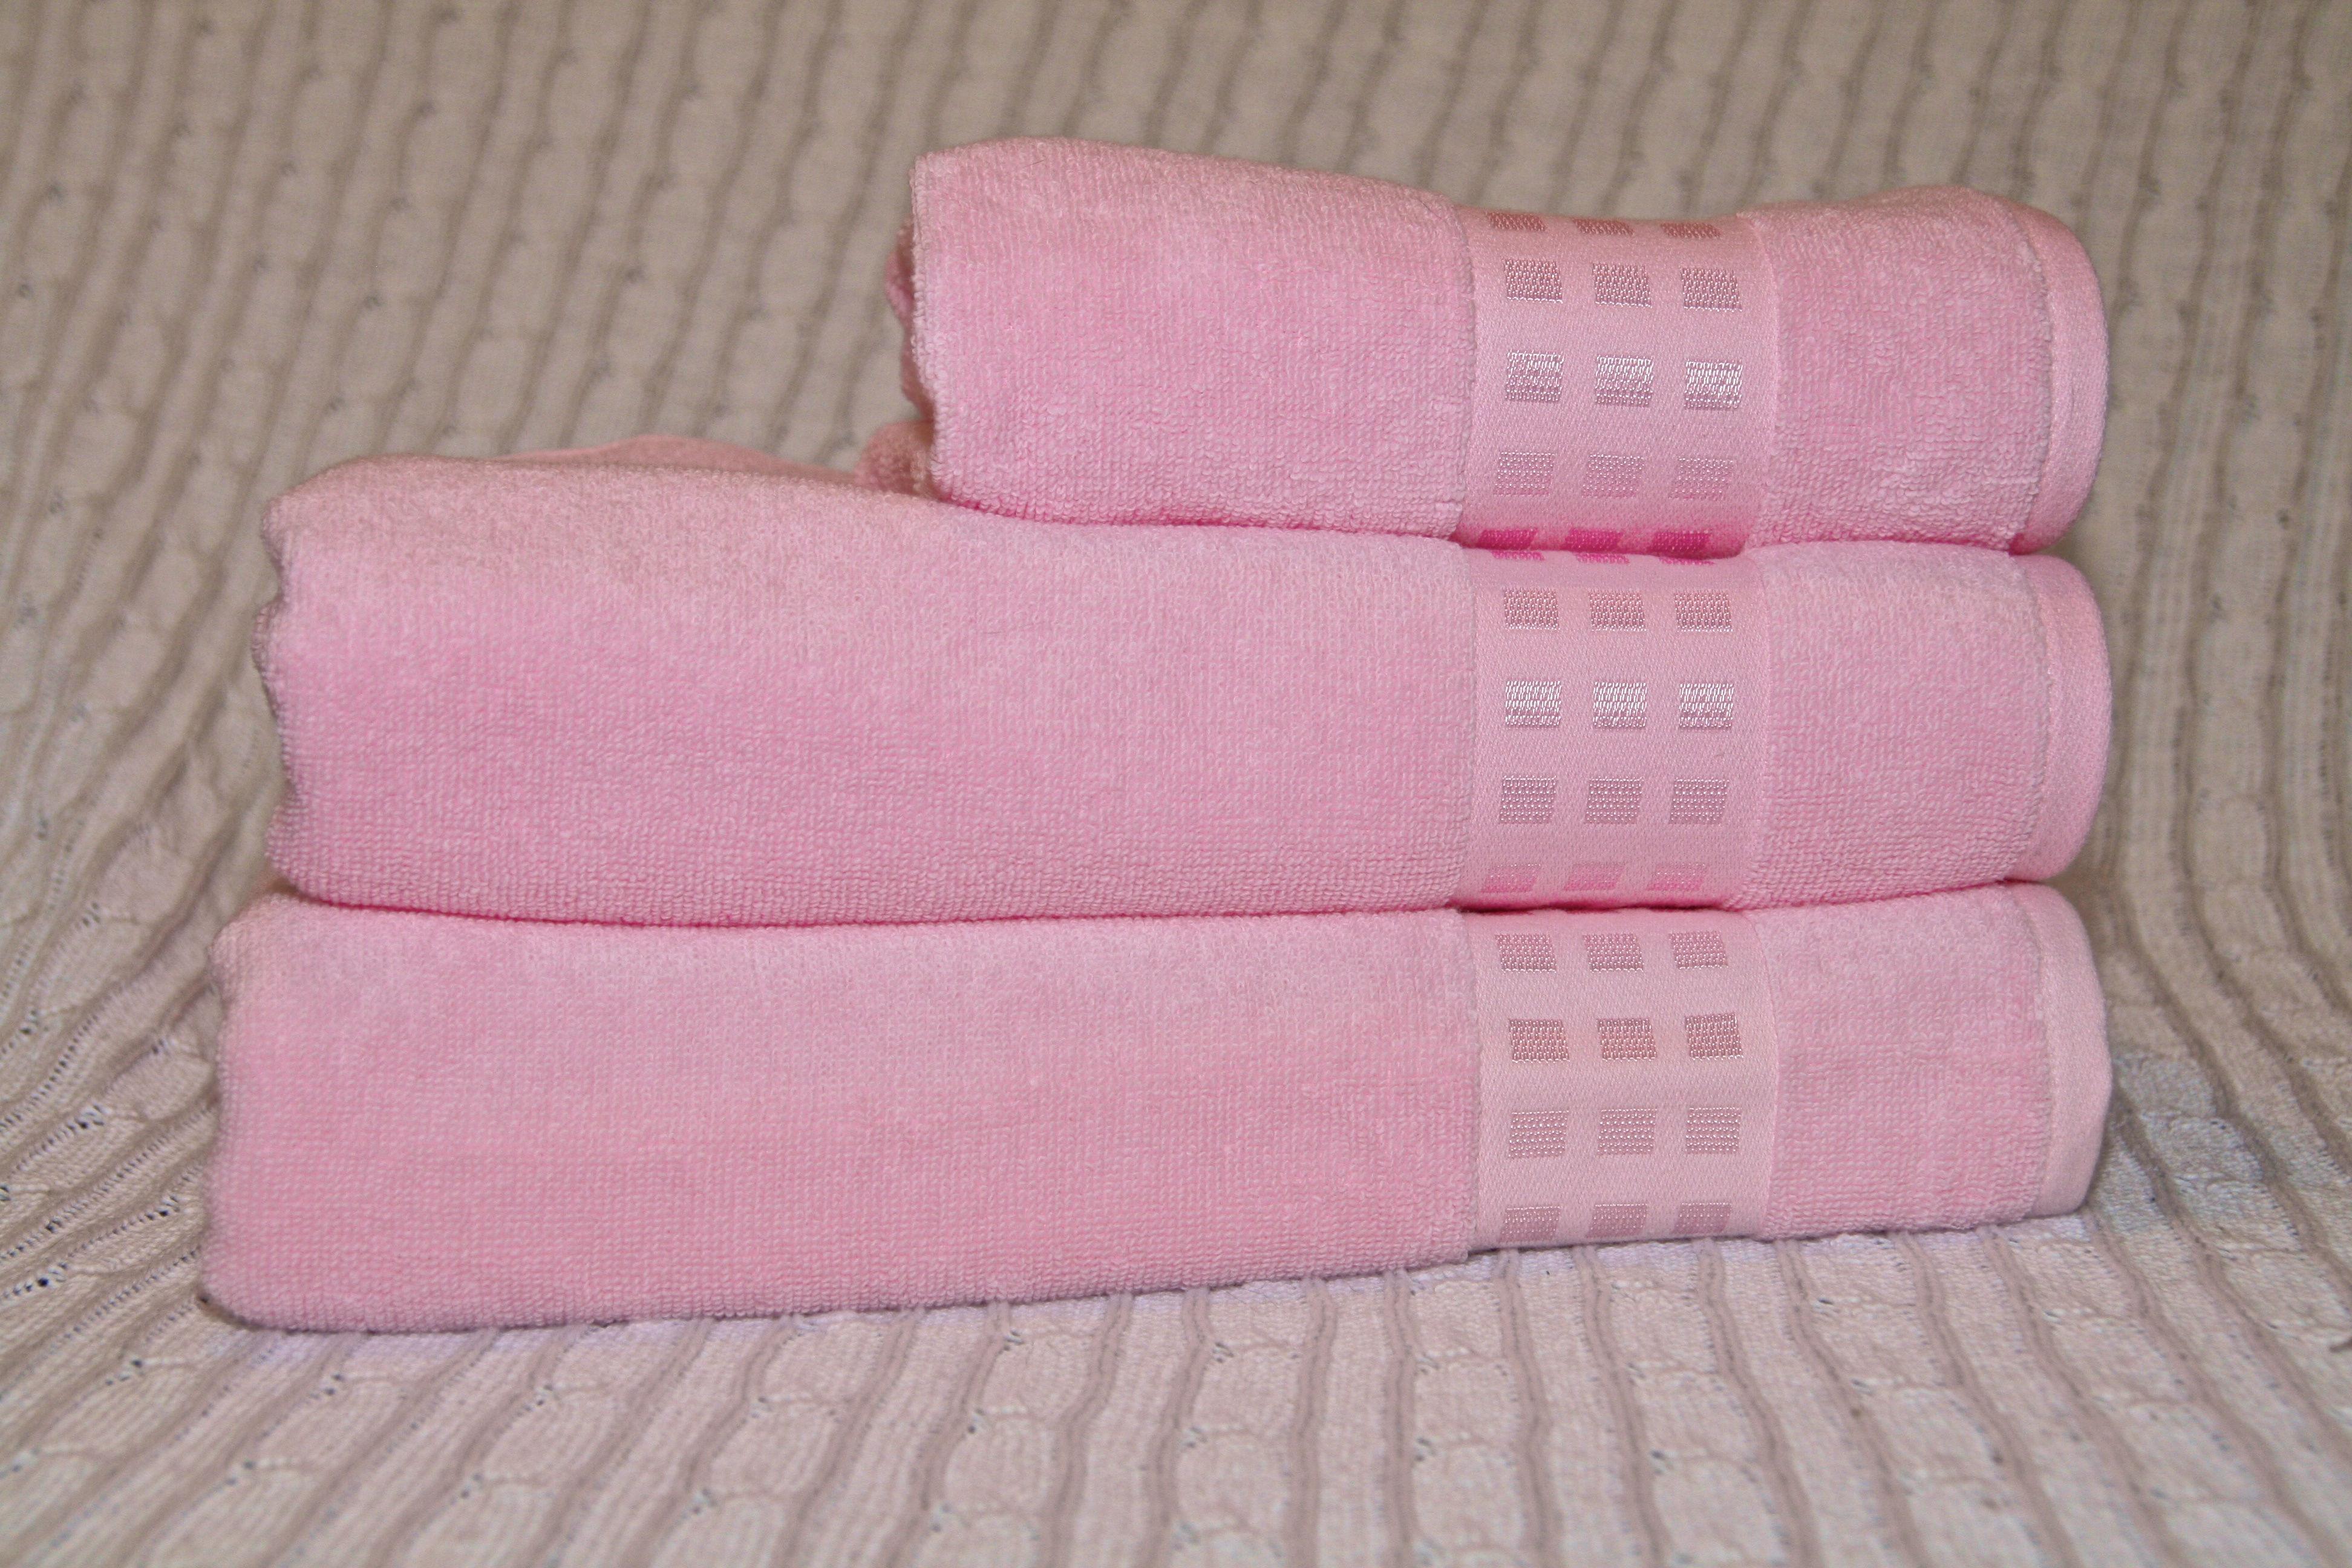 3 tlg handtuch set atlas rosa. Black Bedroom Furniture Sets. Home Design Ideas